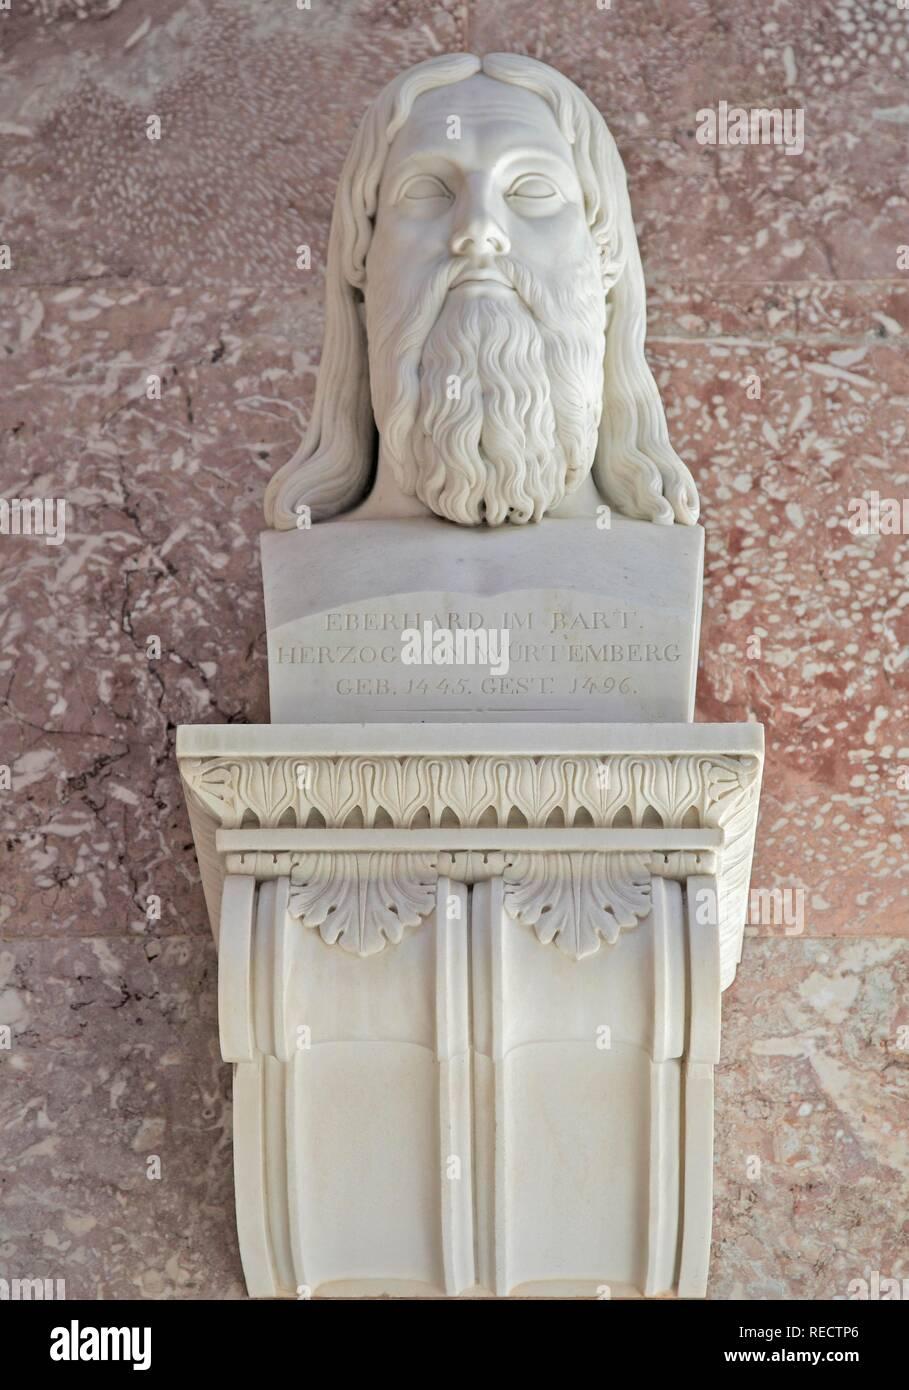 Bust of the Eberhard im Bart, Duke of Wuerttemberg - Stock Image